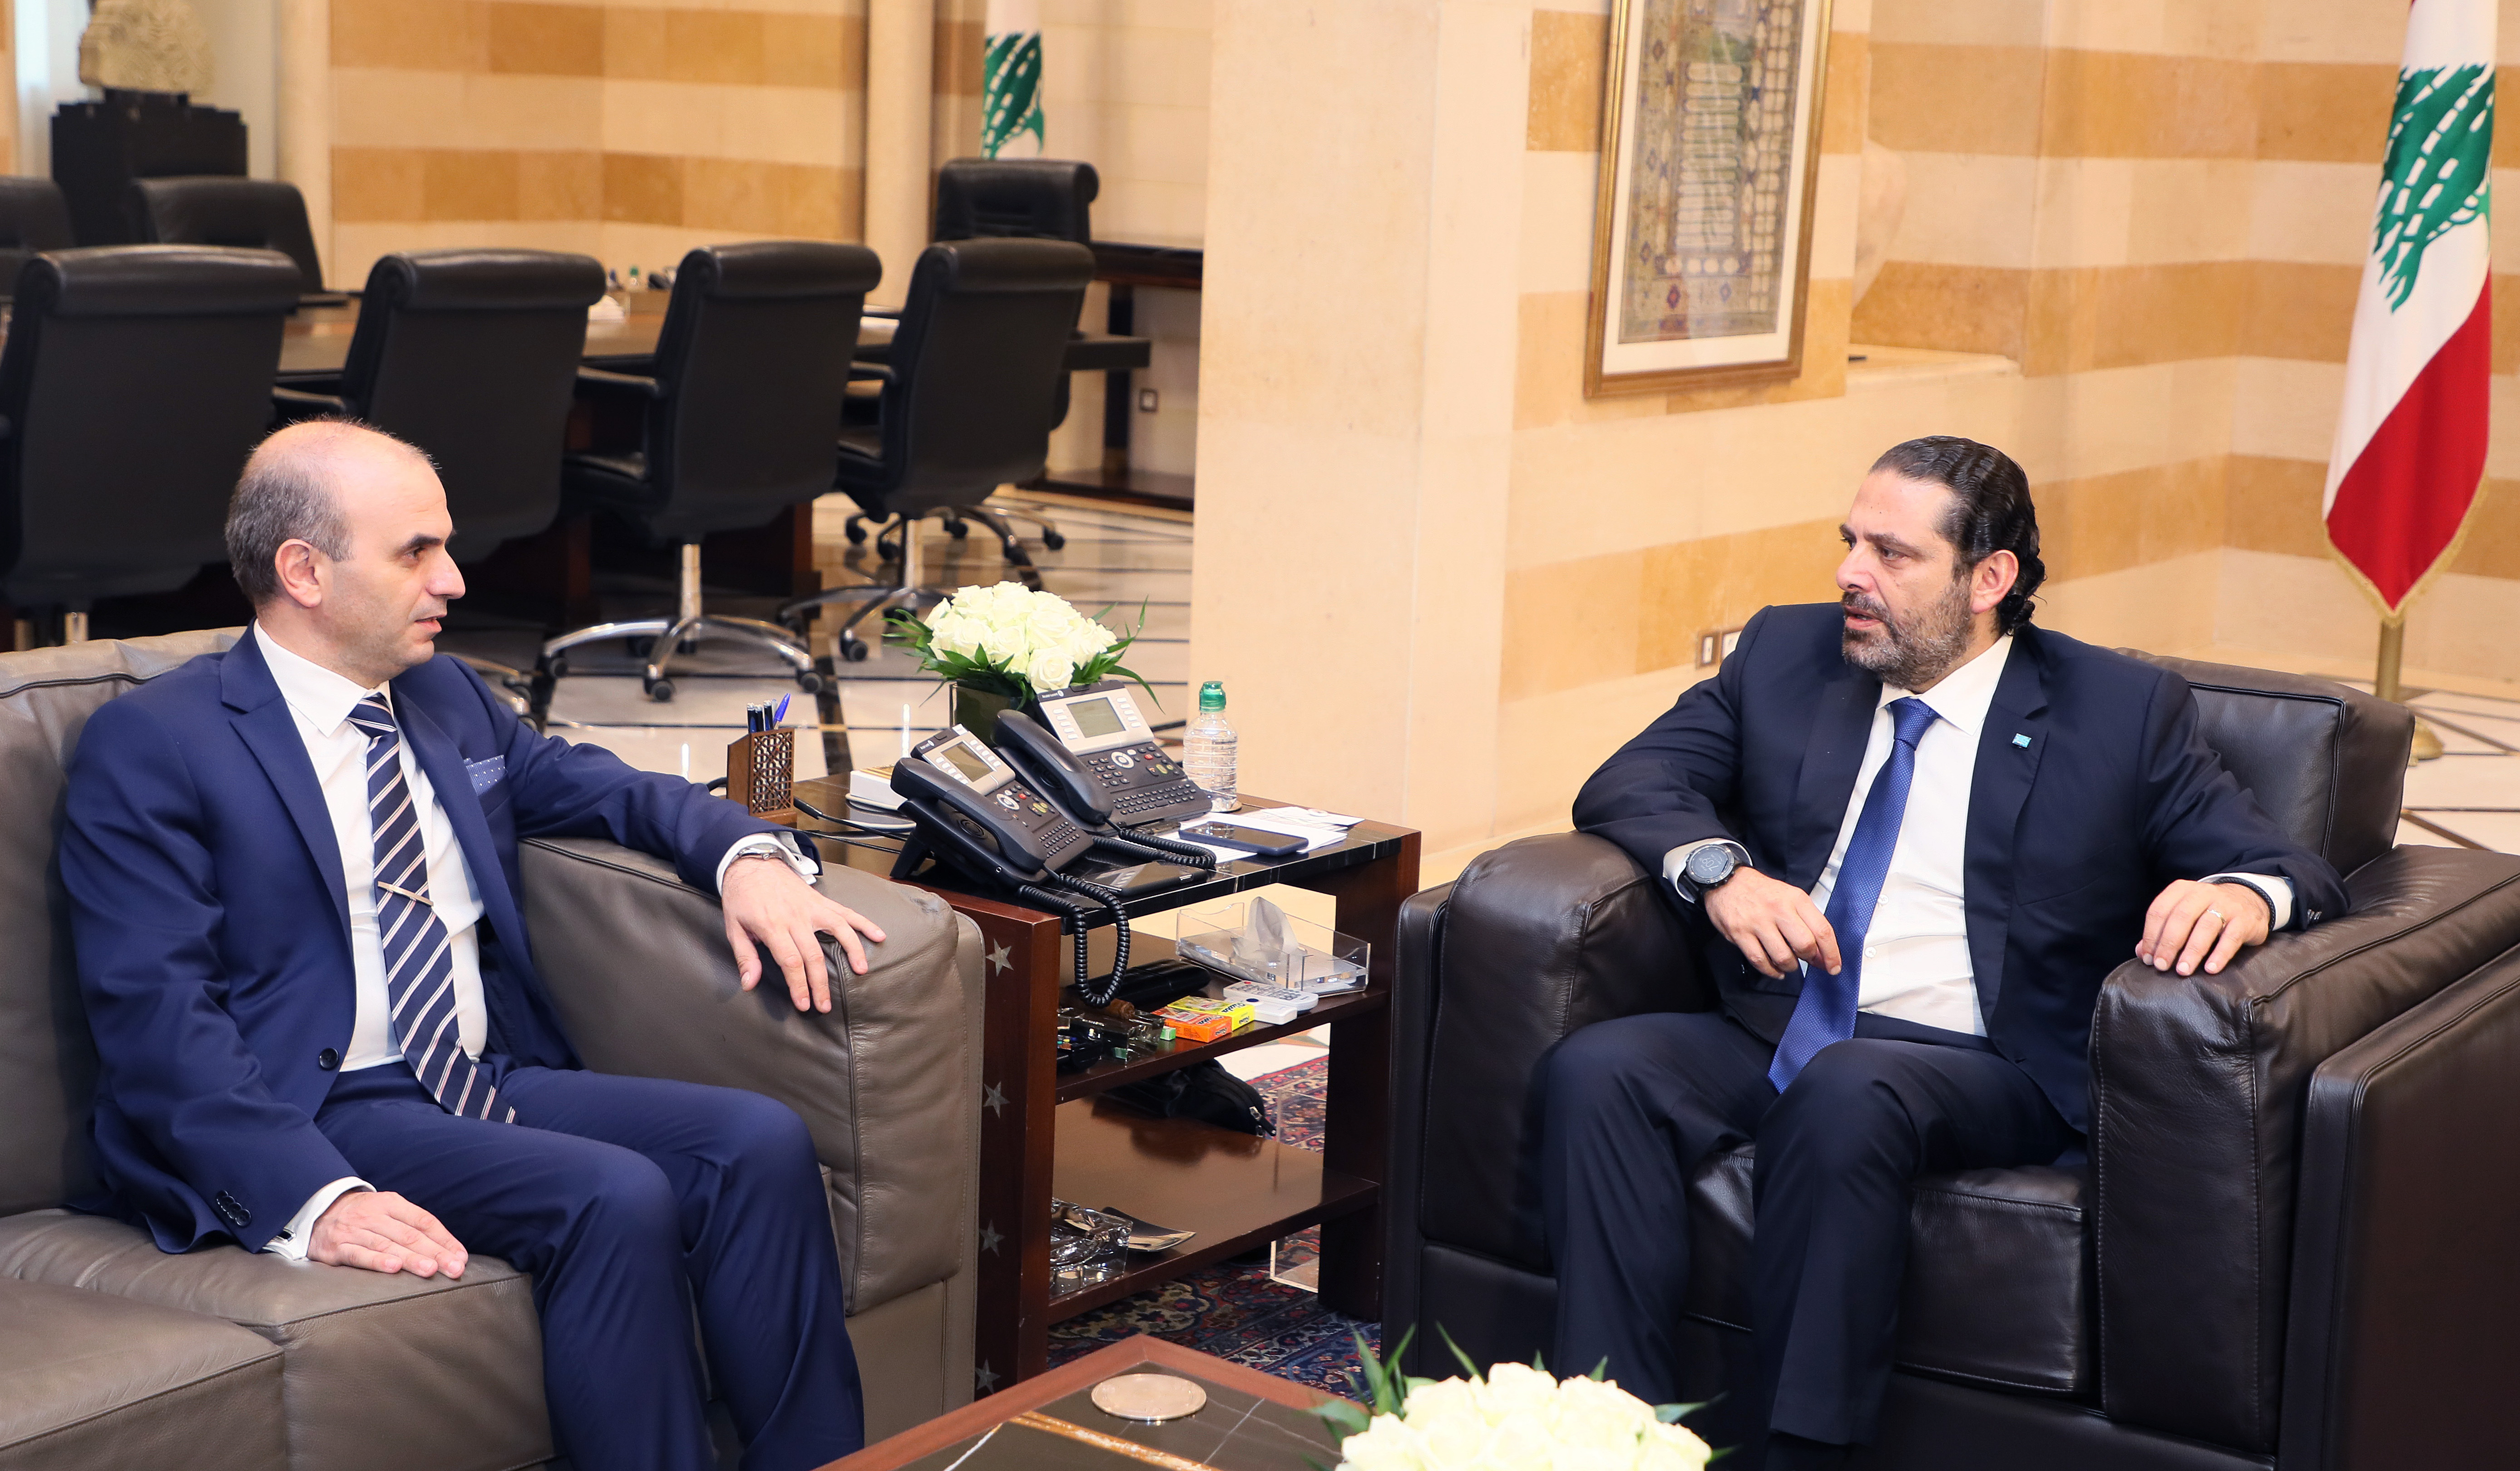 Pr Minister Saad Hariri meets Ambassador Salim Baddora